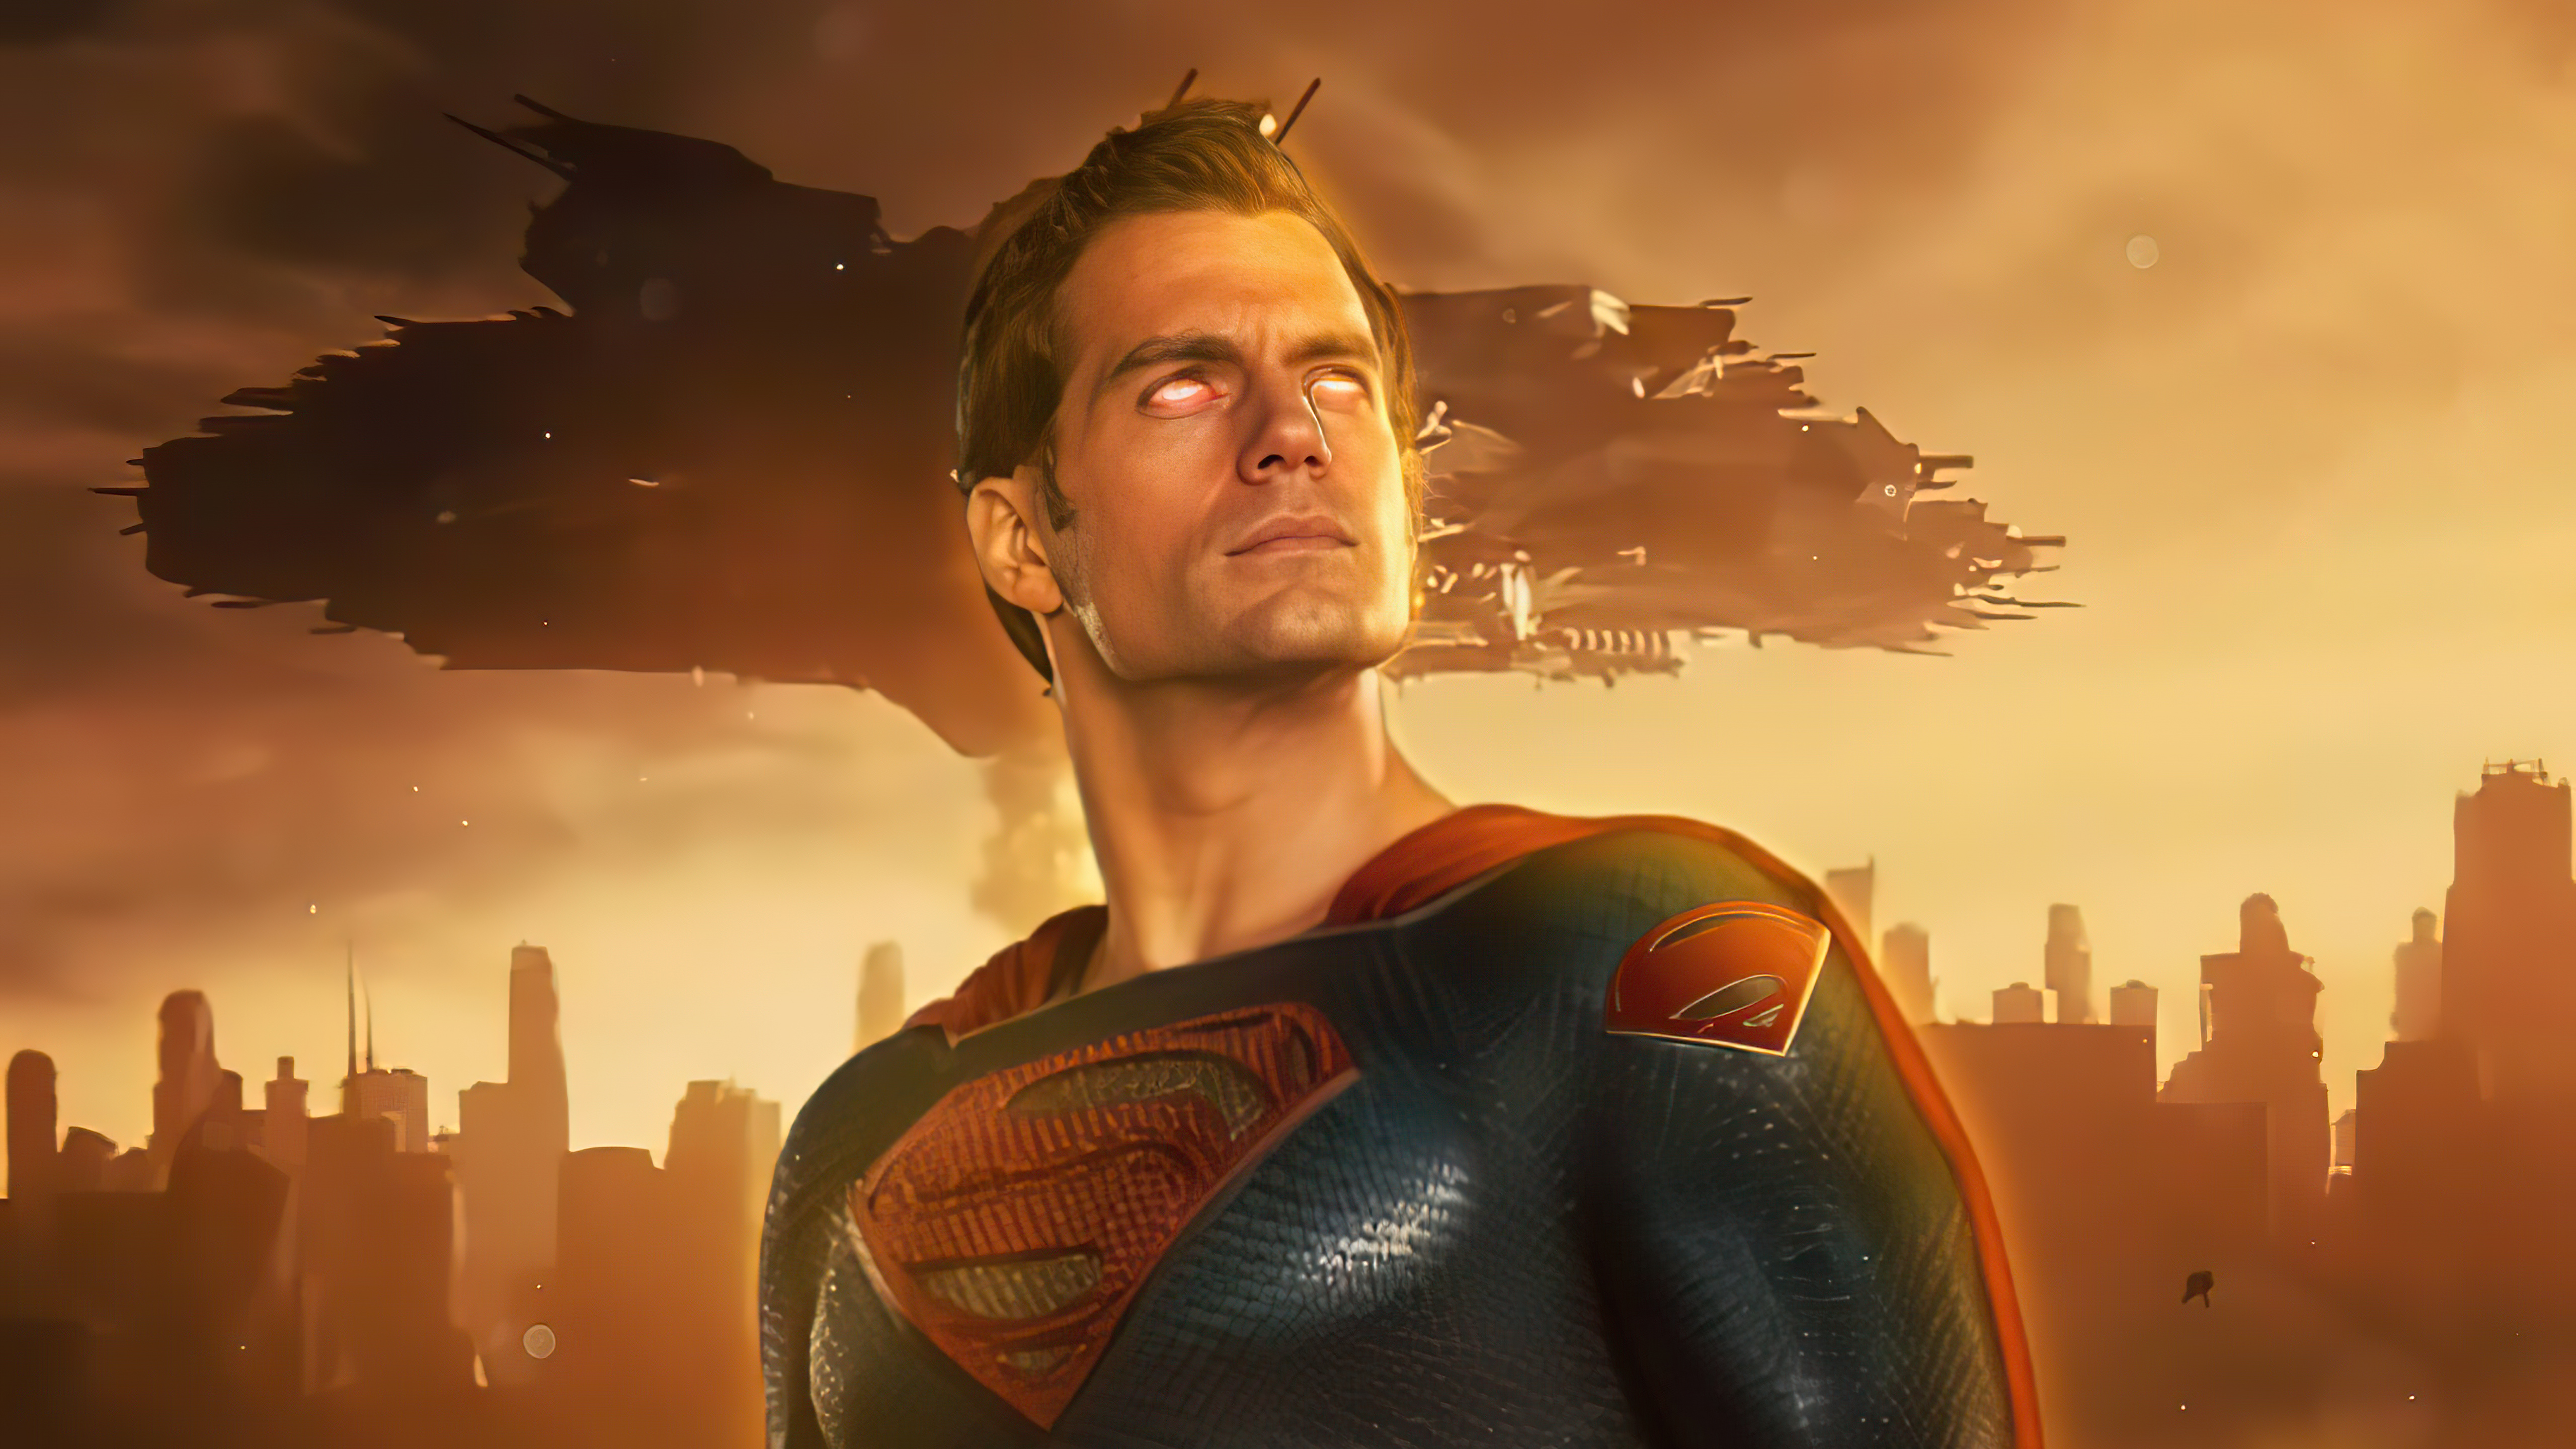 Wallpaper Henry Cavill as Superman